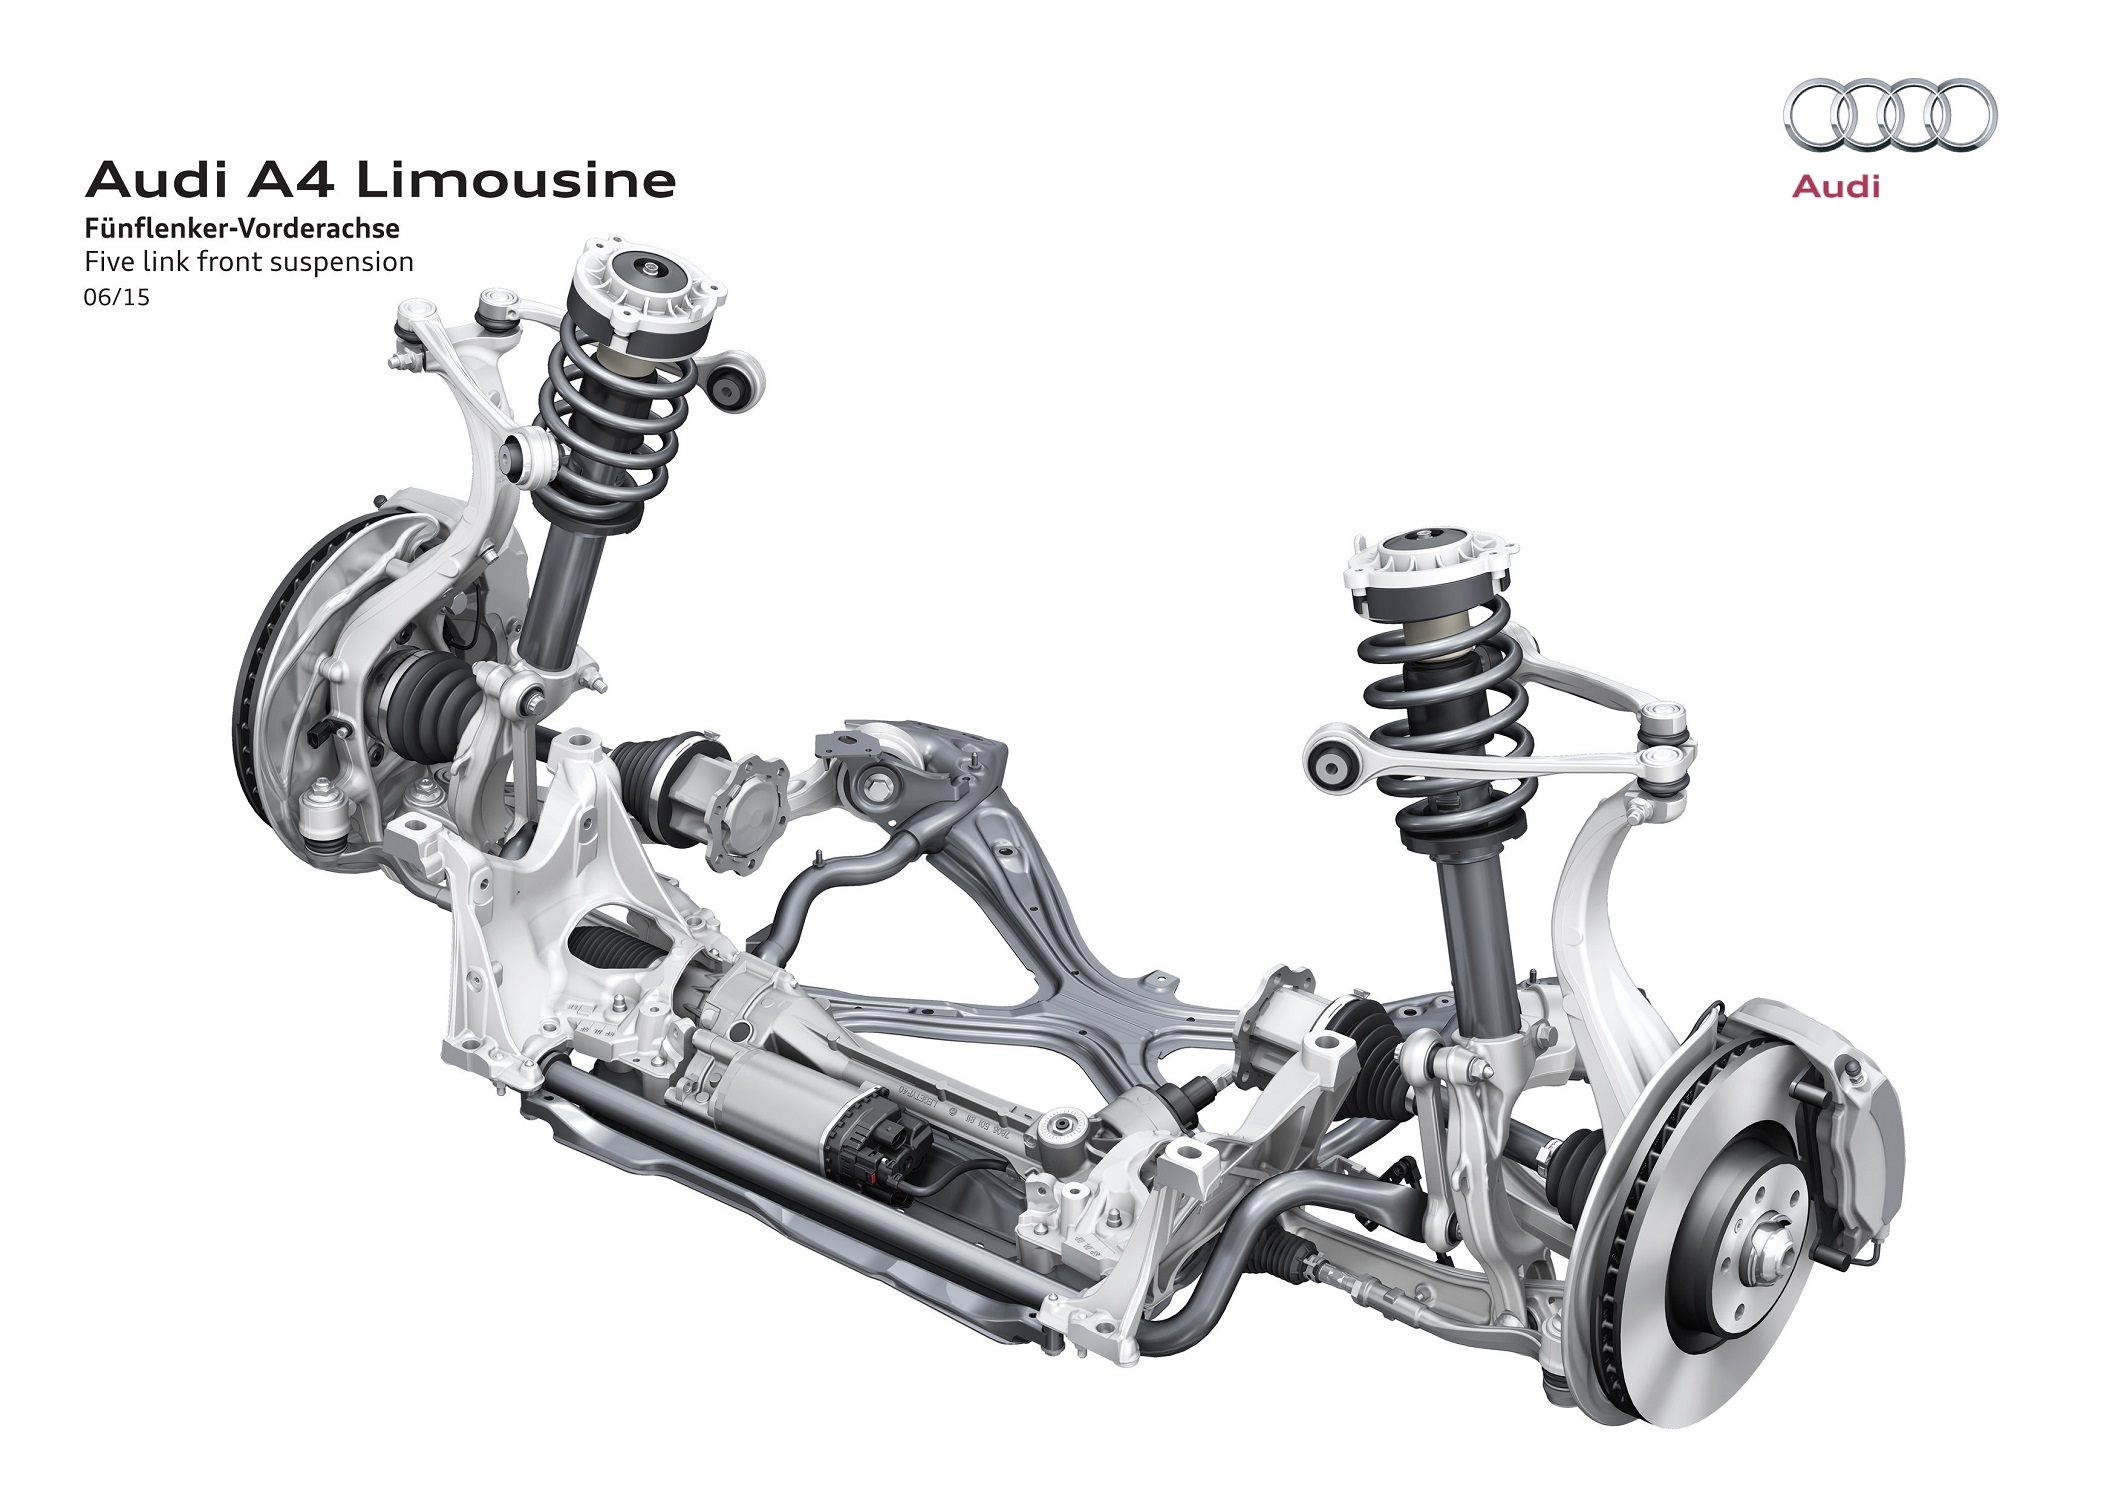 Audi A4 Five link front suspension